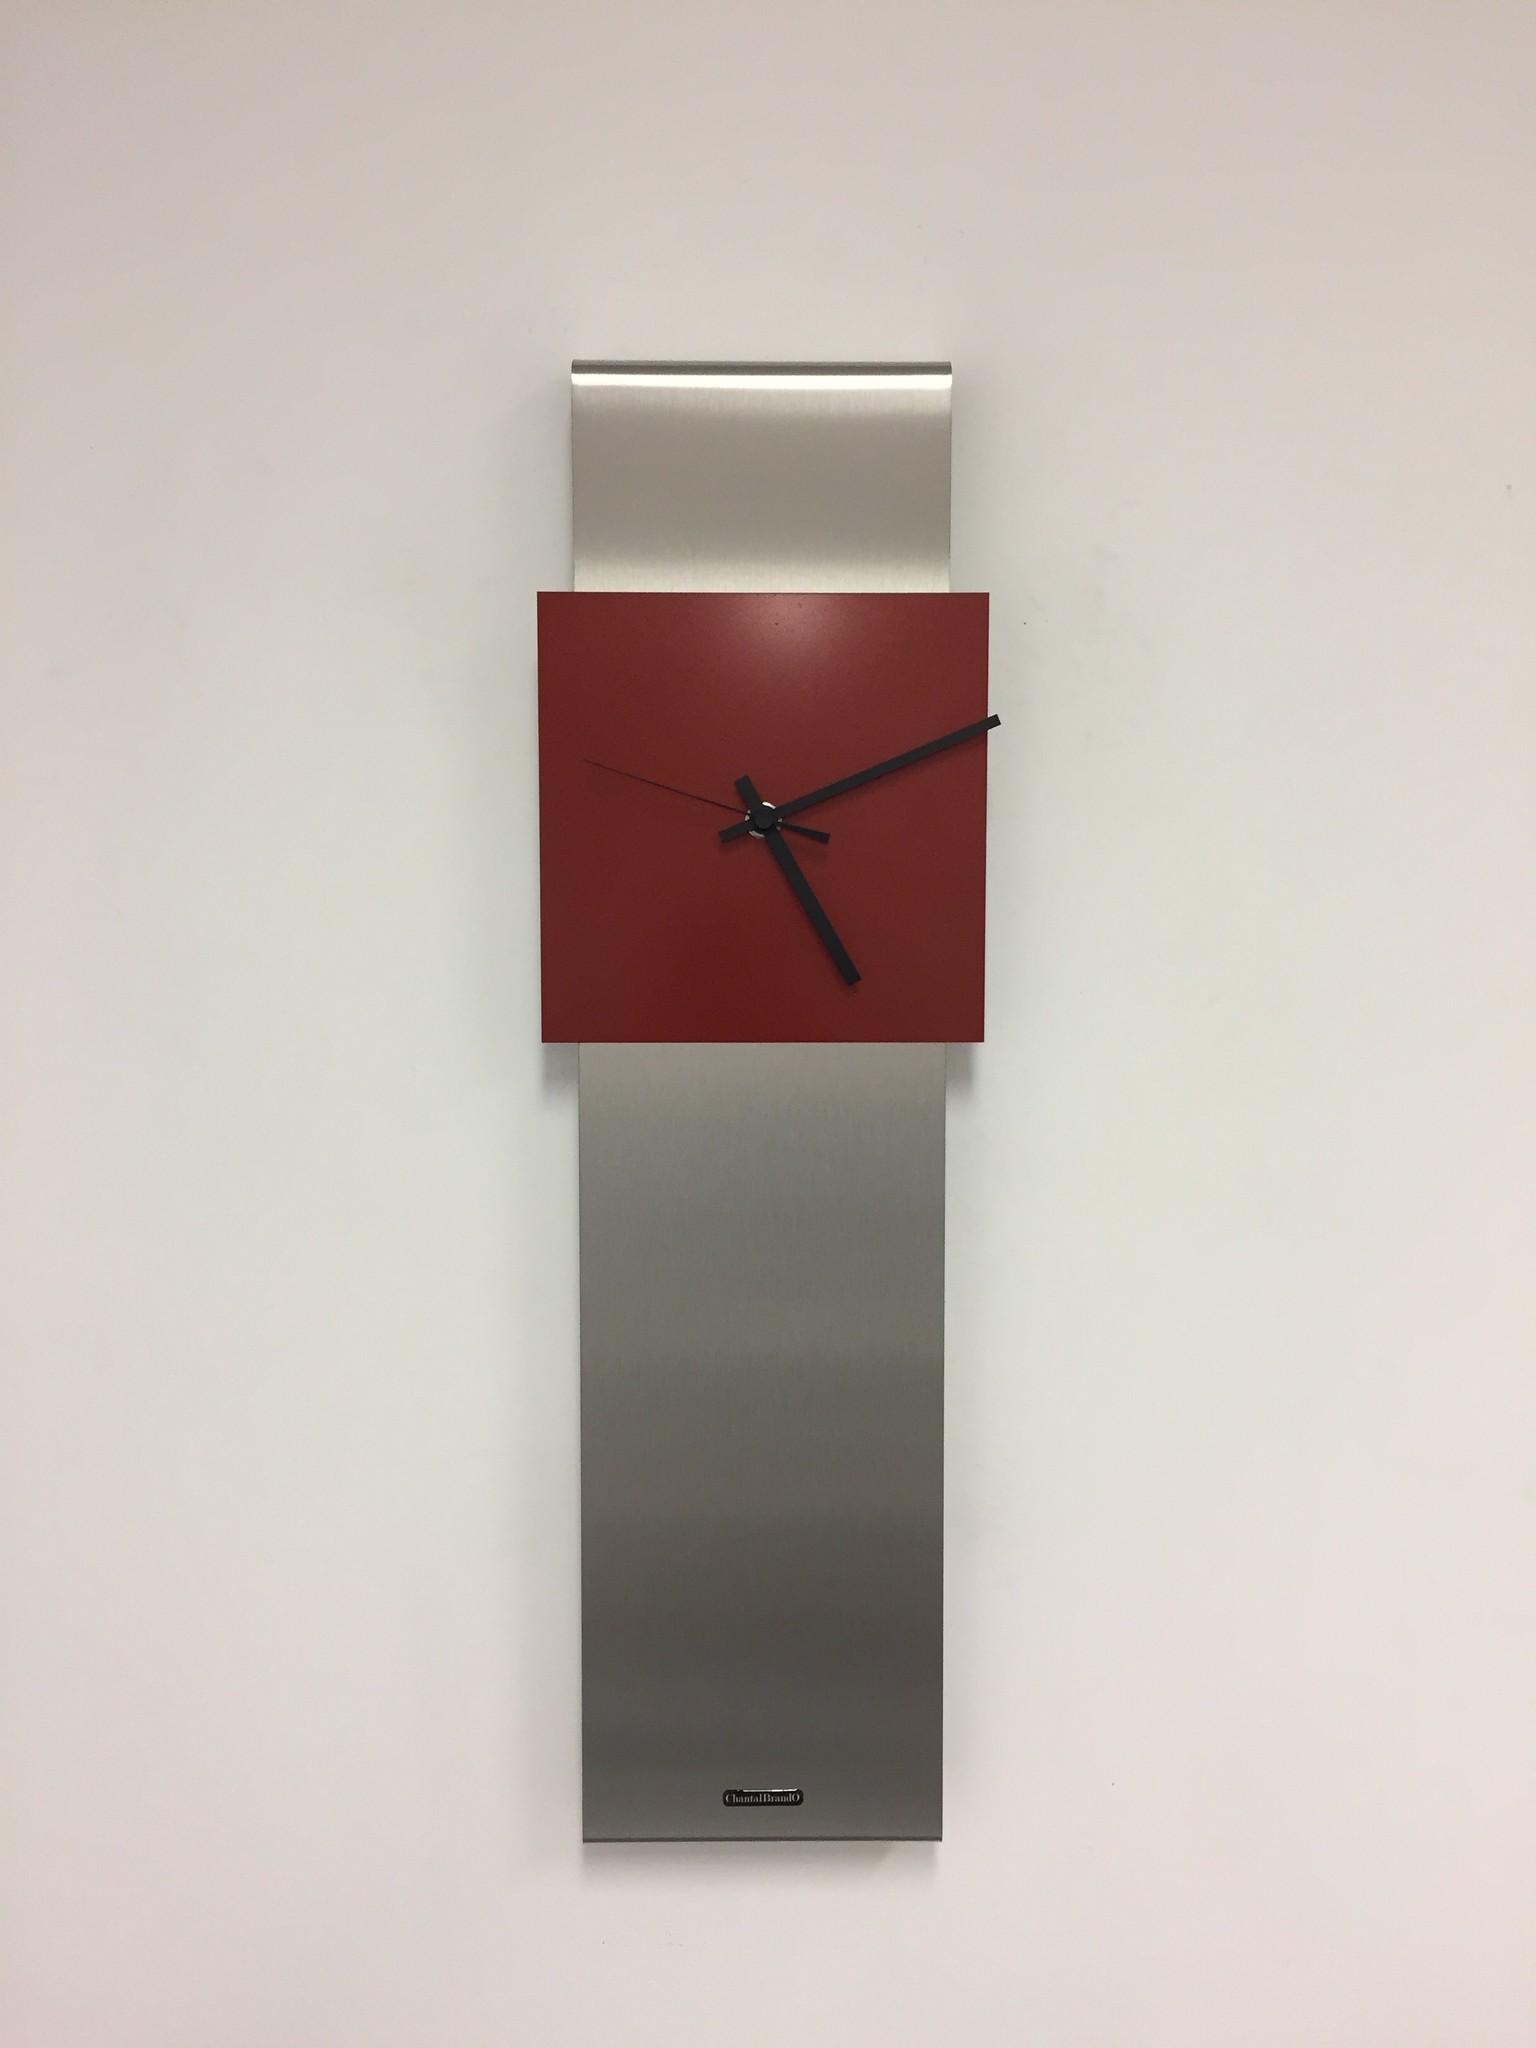 ChantalBrandO Wandklok NEW YORK  SKYSCRAPER RED